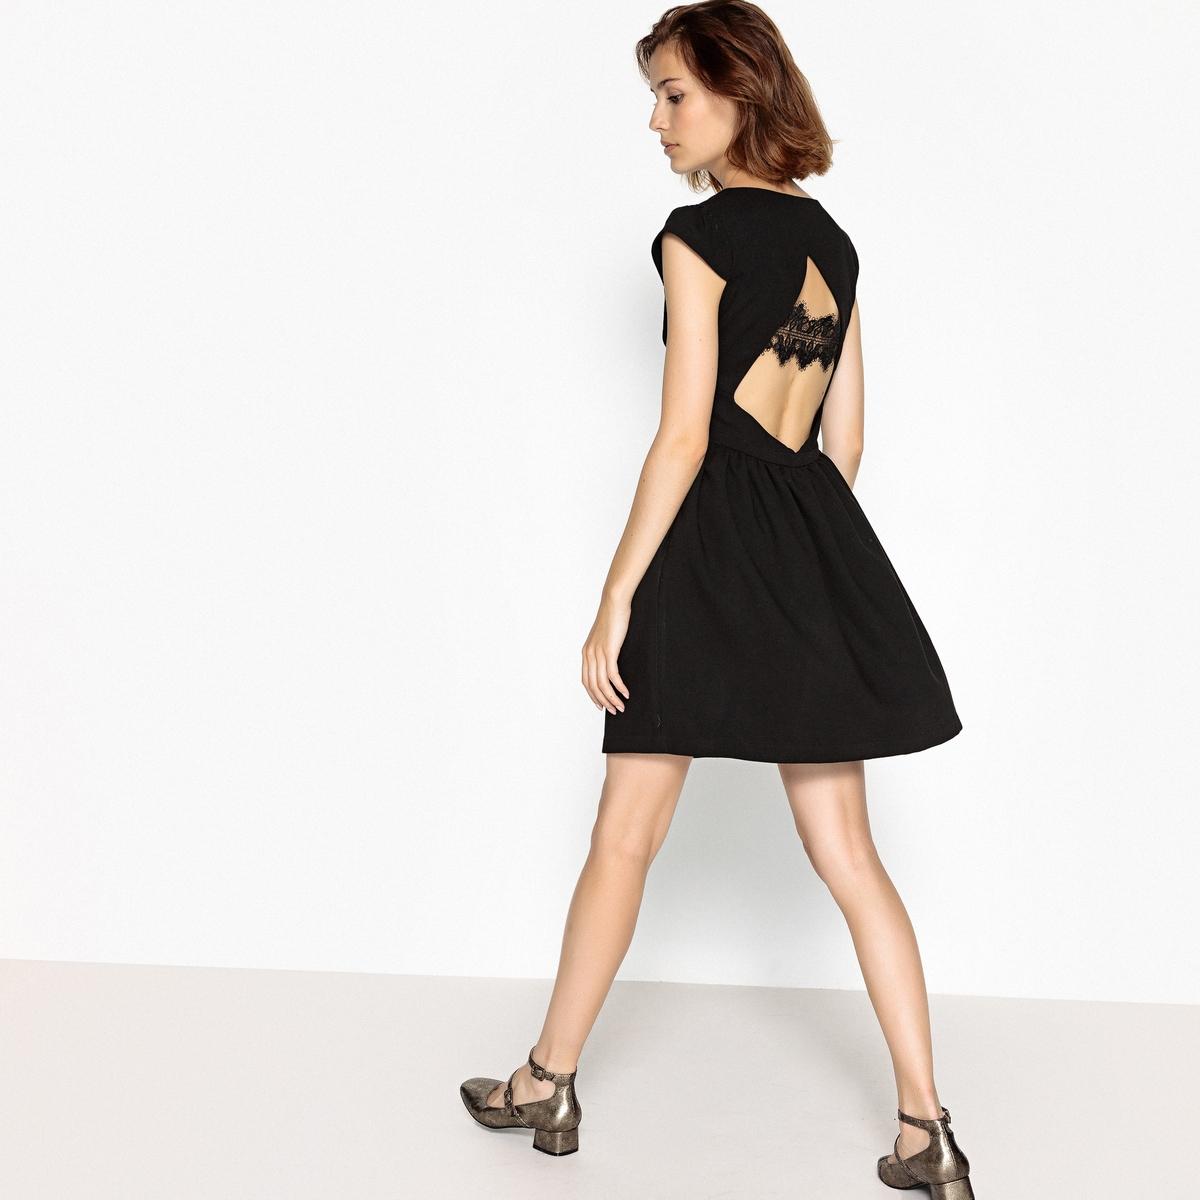 купить Платье короткое расклешенное с короткими рукавами по цене 5579.4 рублей